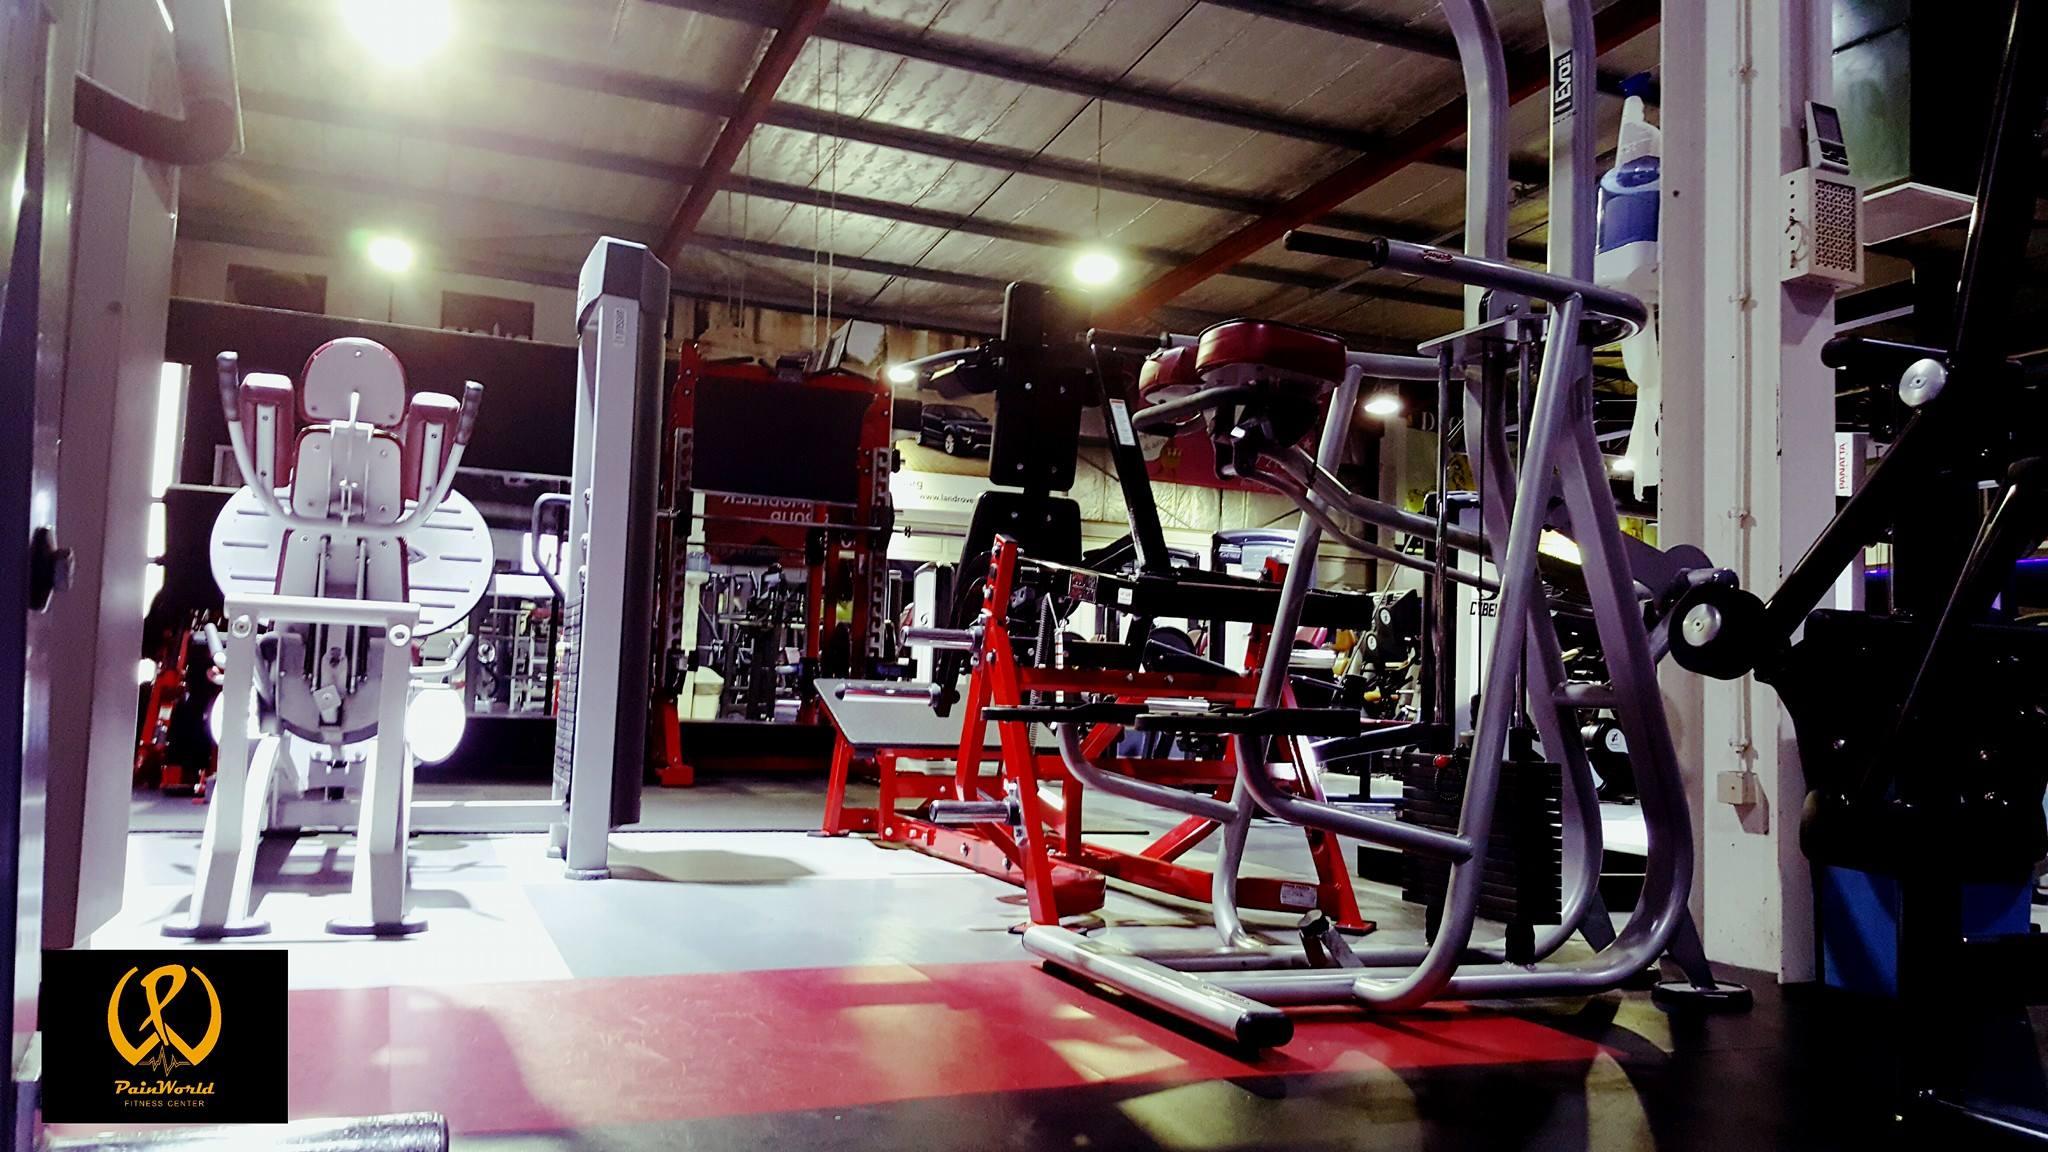 Painworld fitness center luxembourg – No Pain, No Gain